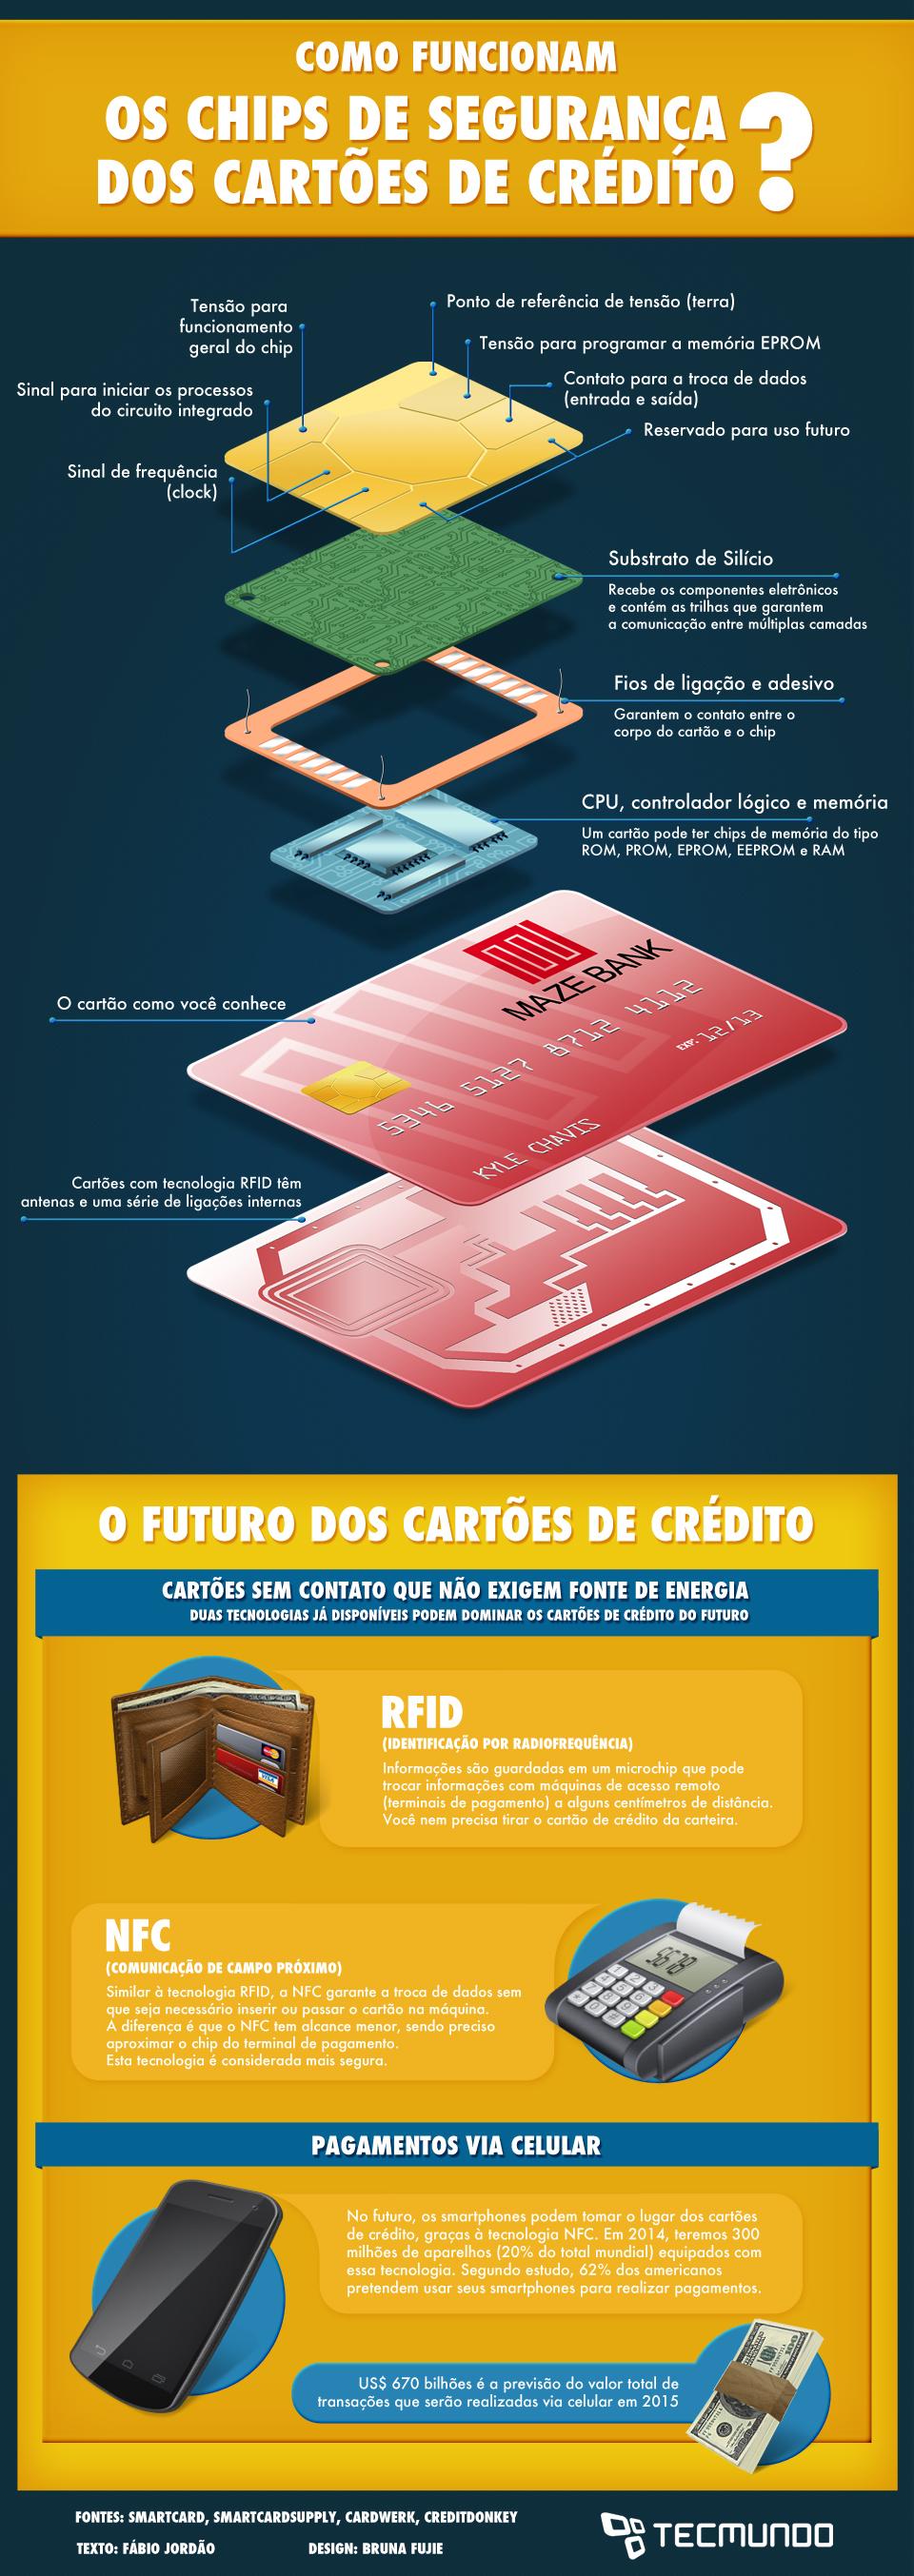 Como funcionam os chips de segurança dos cartões de crédito? [infográfico]